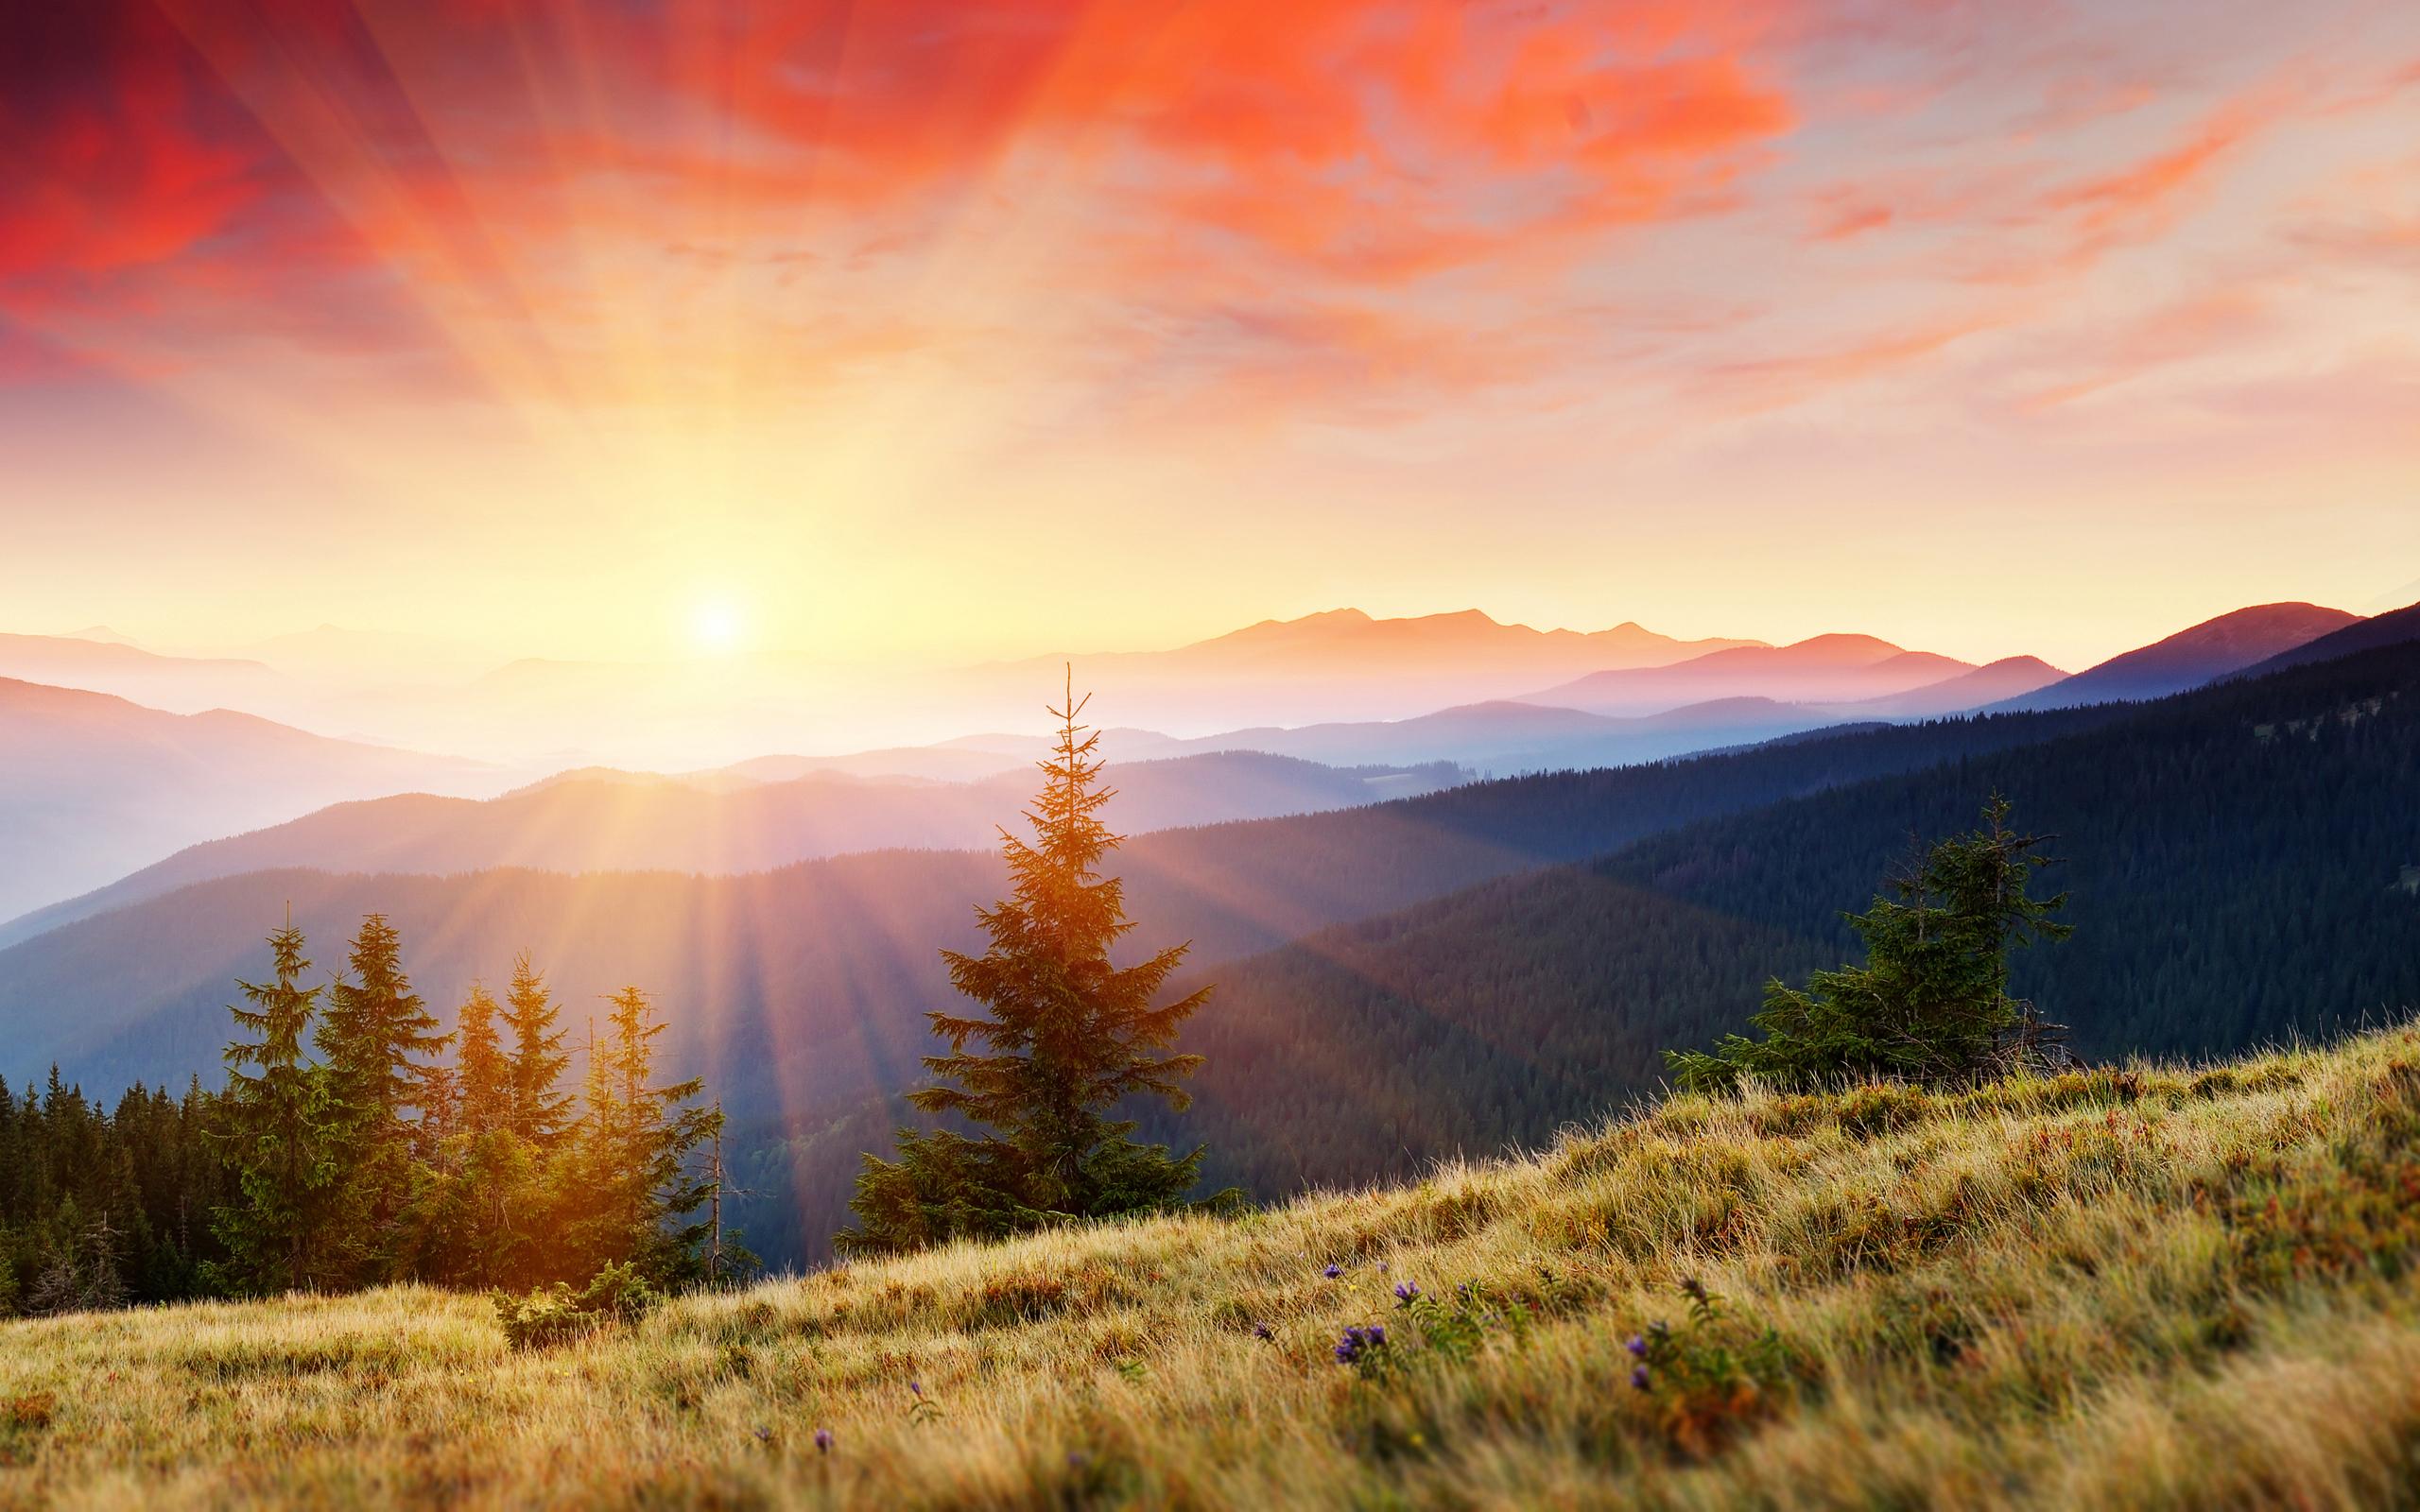 25971 скачать обои Пейзаж, Деревья, Горы, Солнце - заставки и картинки бесплатно